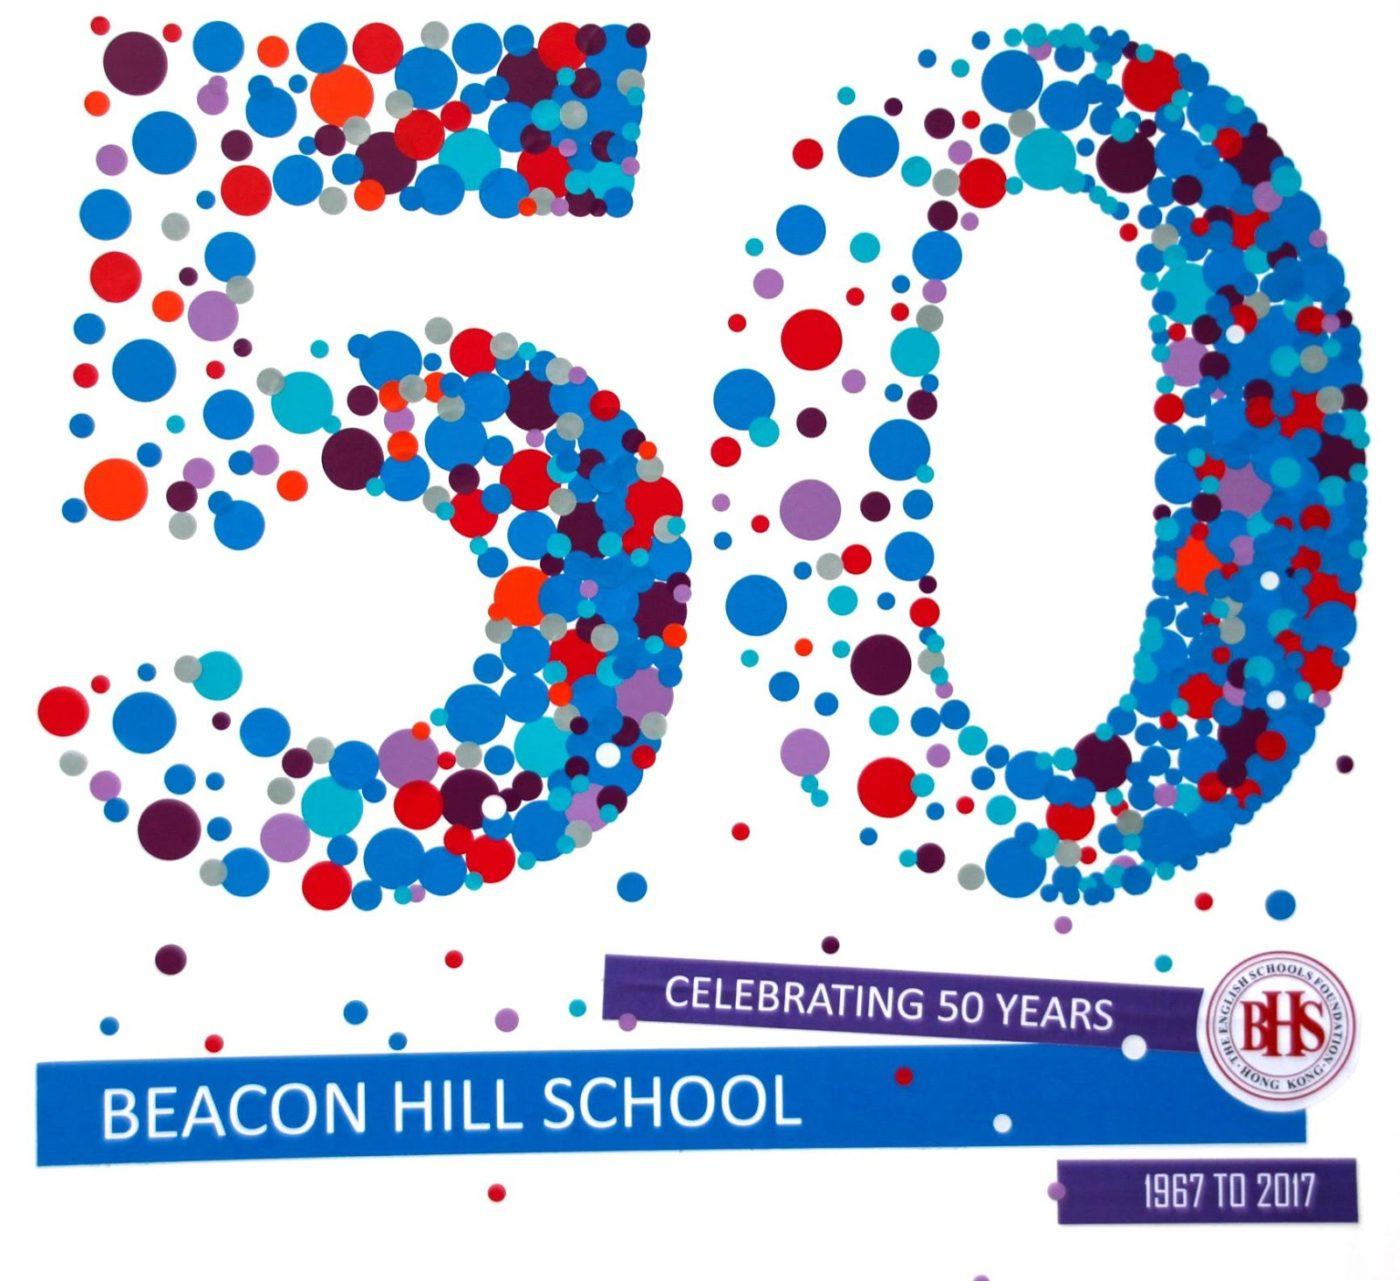 Newsletter 10 Beacon Hill School Esf